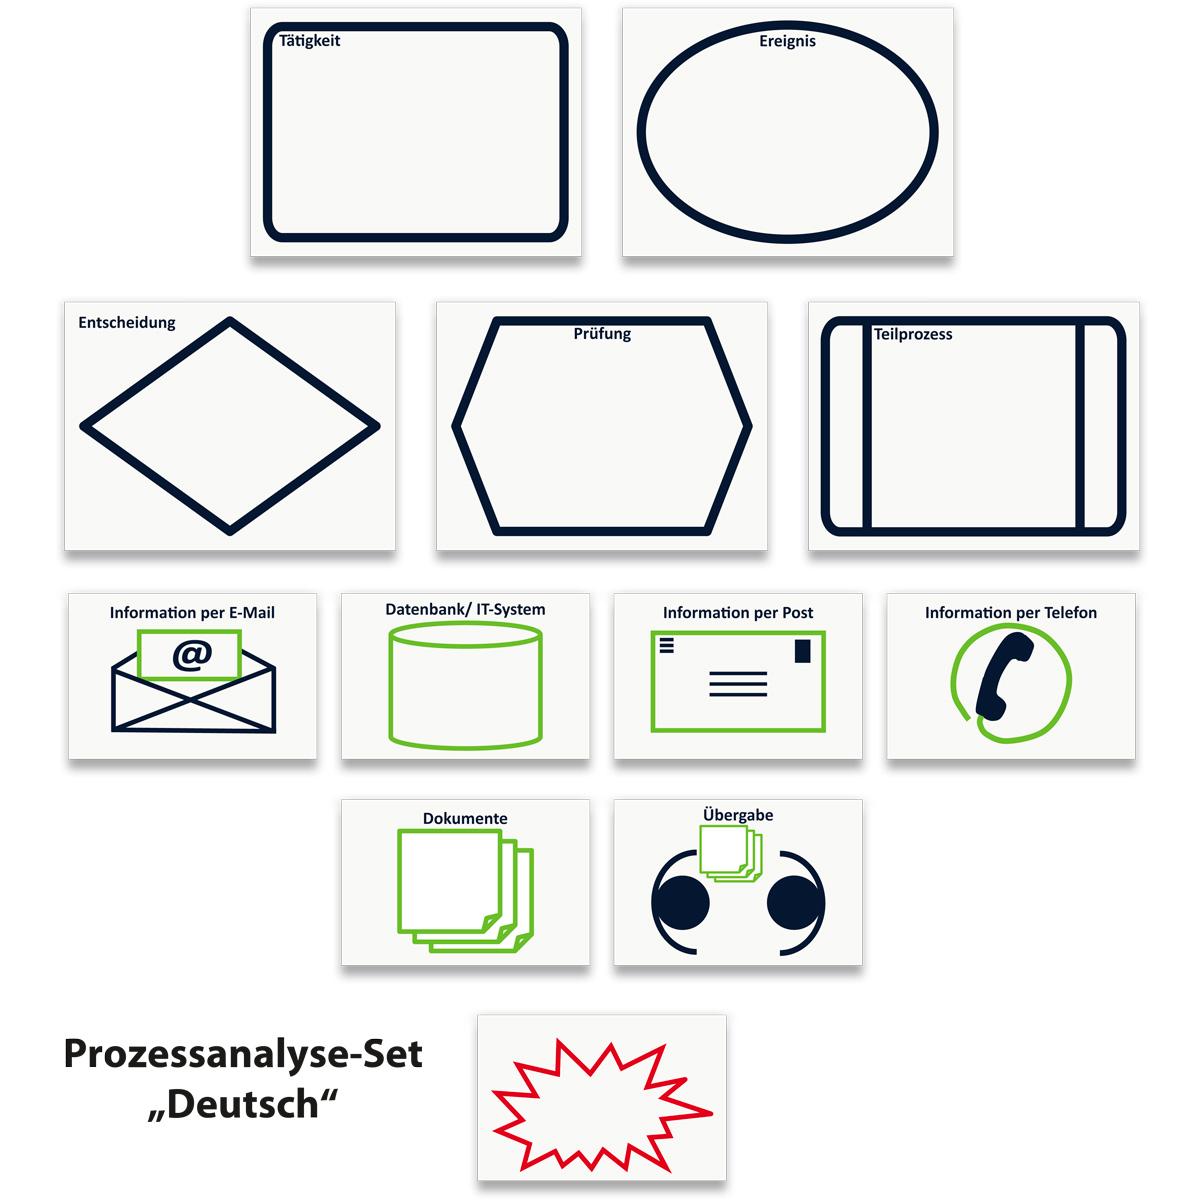 Haftnotizen Set mit Symbolen für die Durchführung einer effizienten und einfachem Prozessanalyse